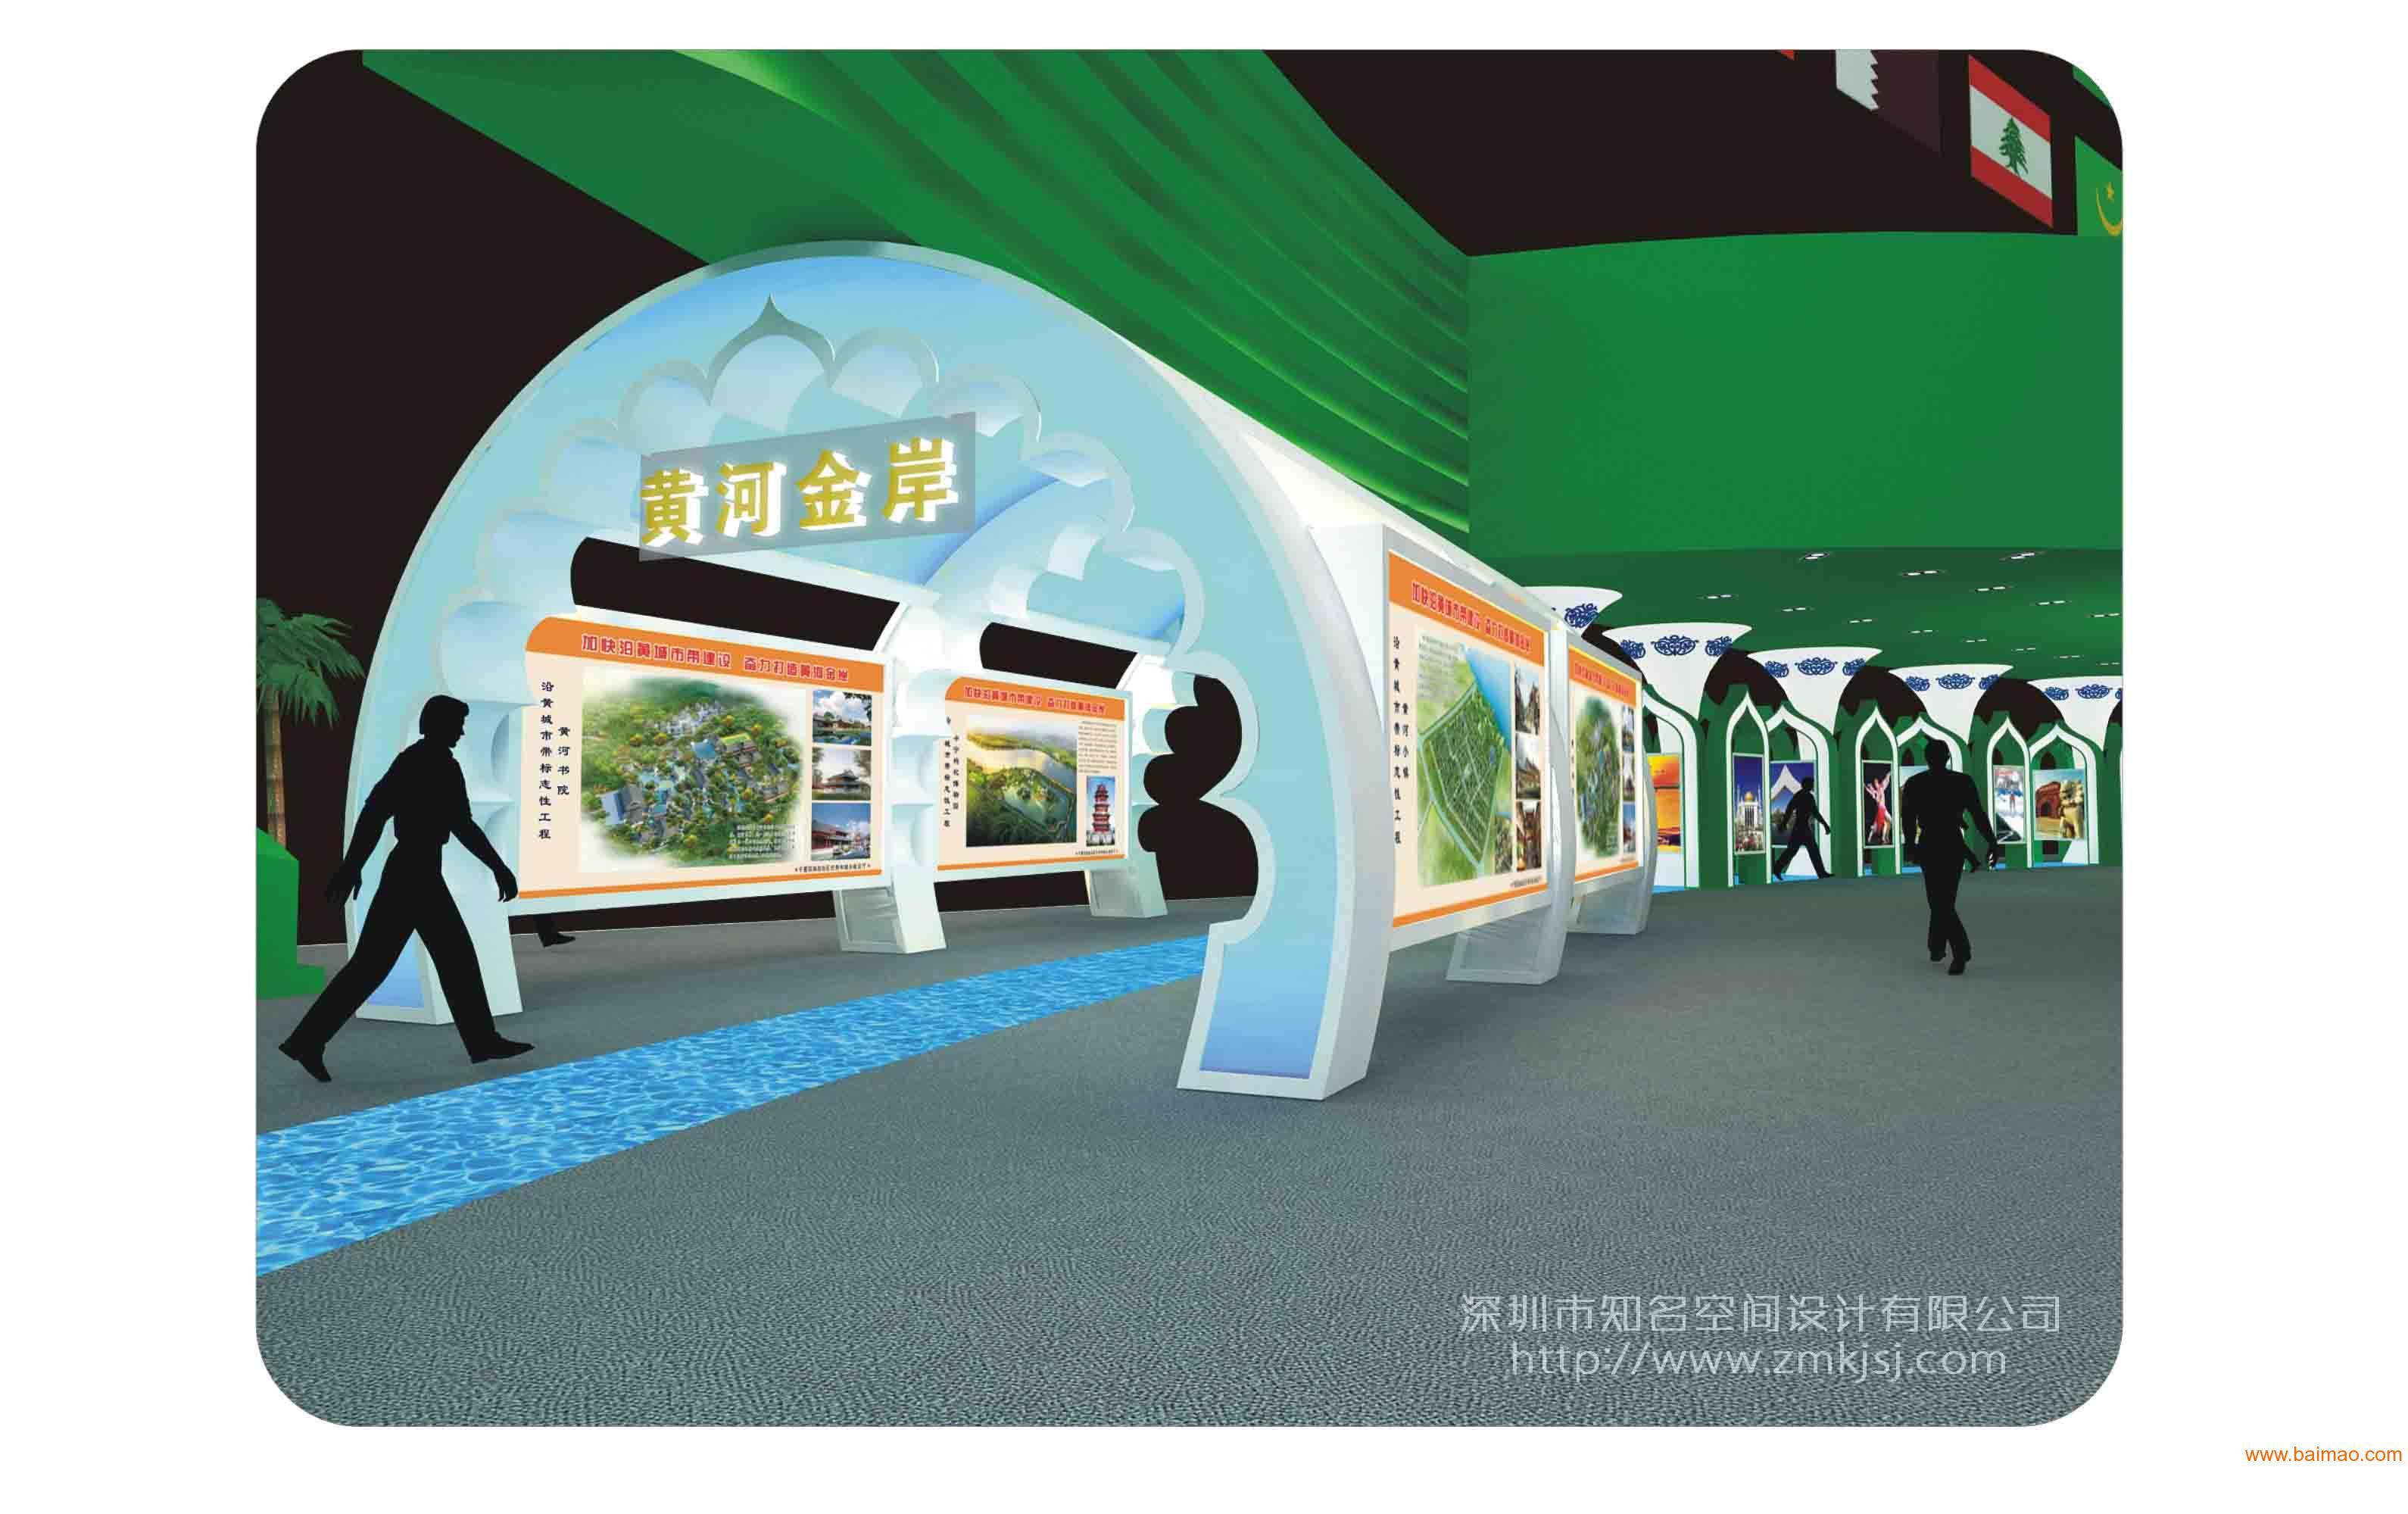 深圳展览设计,深圳展览设计生产厂家,深圳展览设计价格